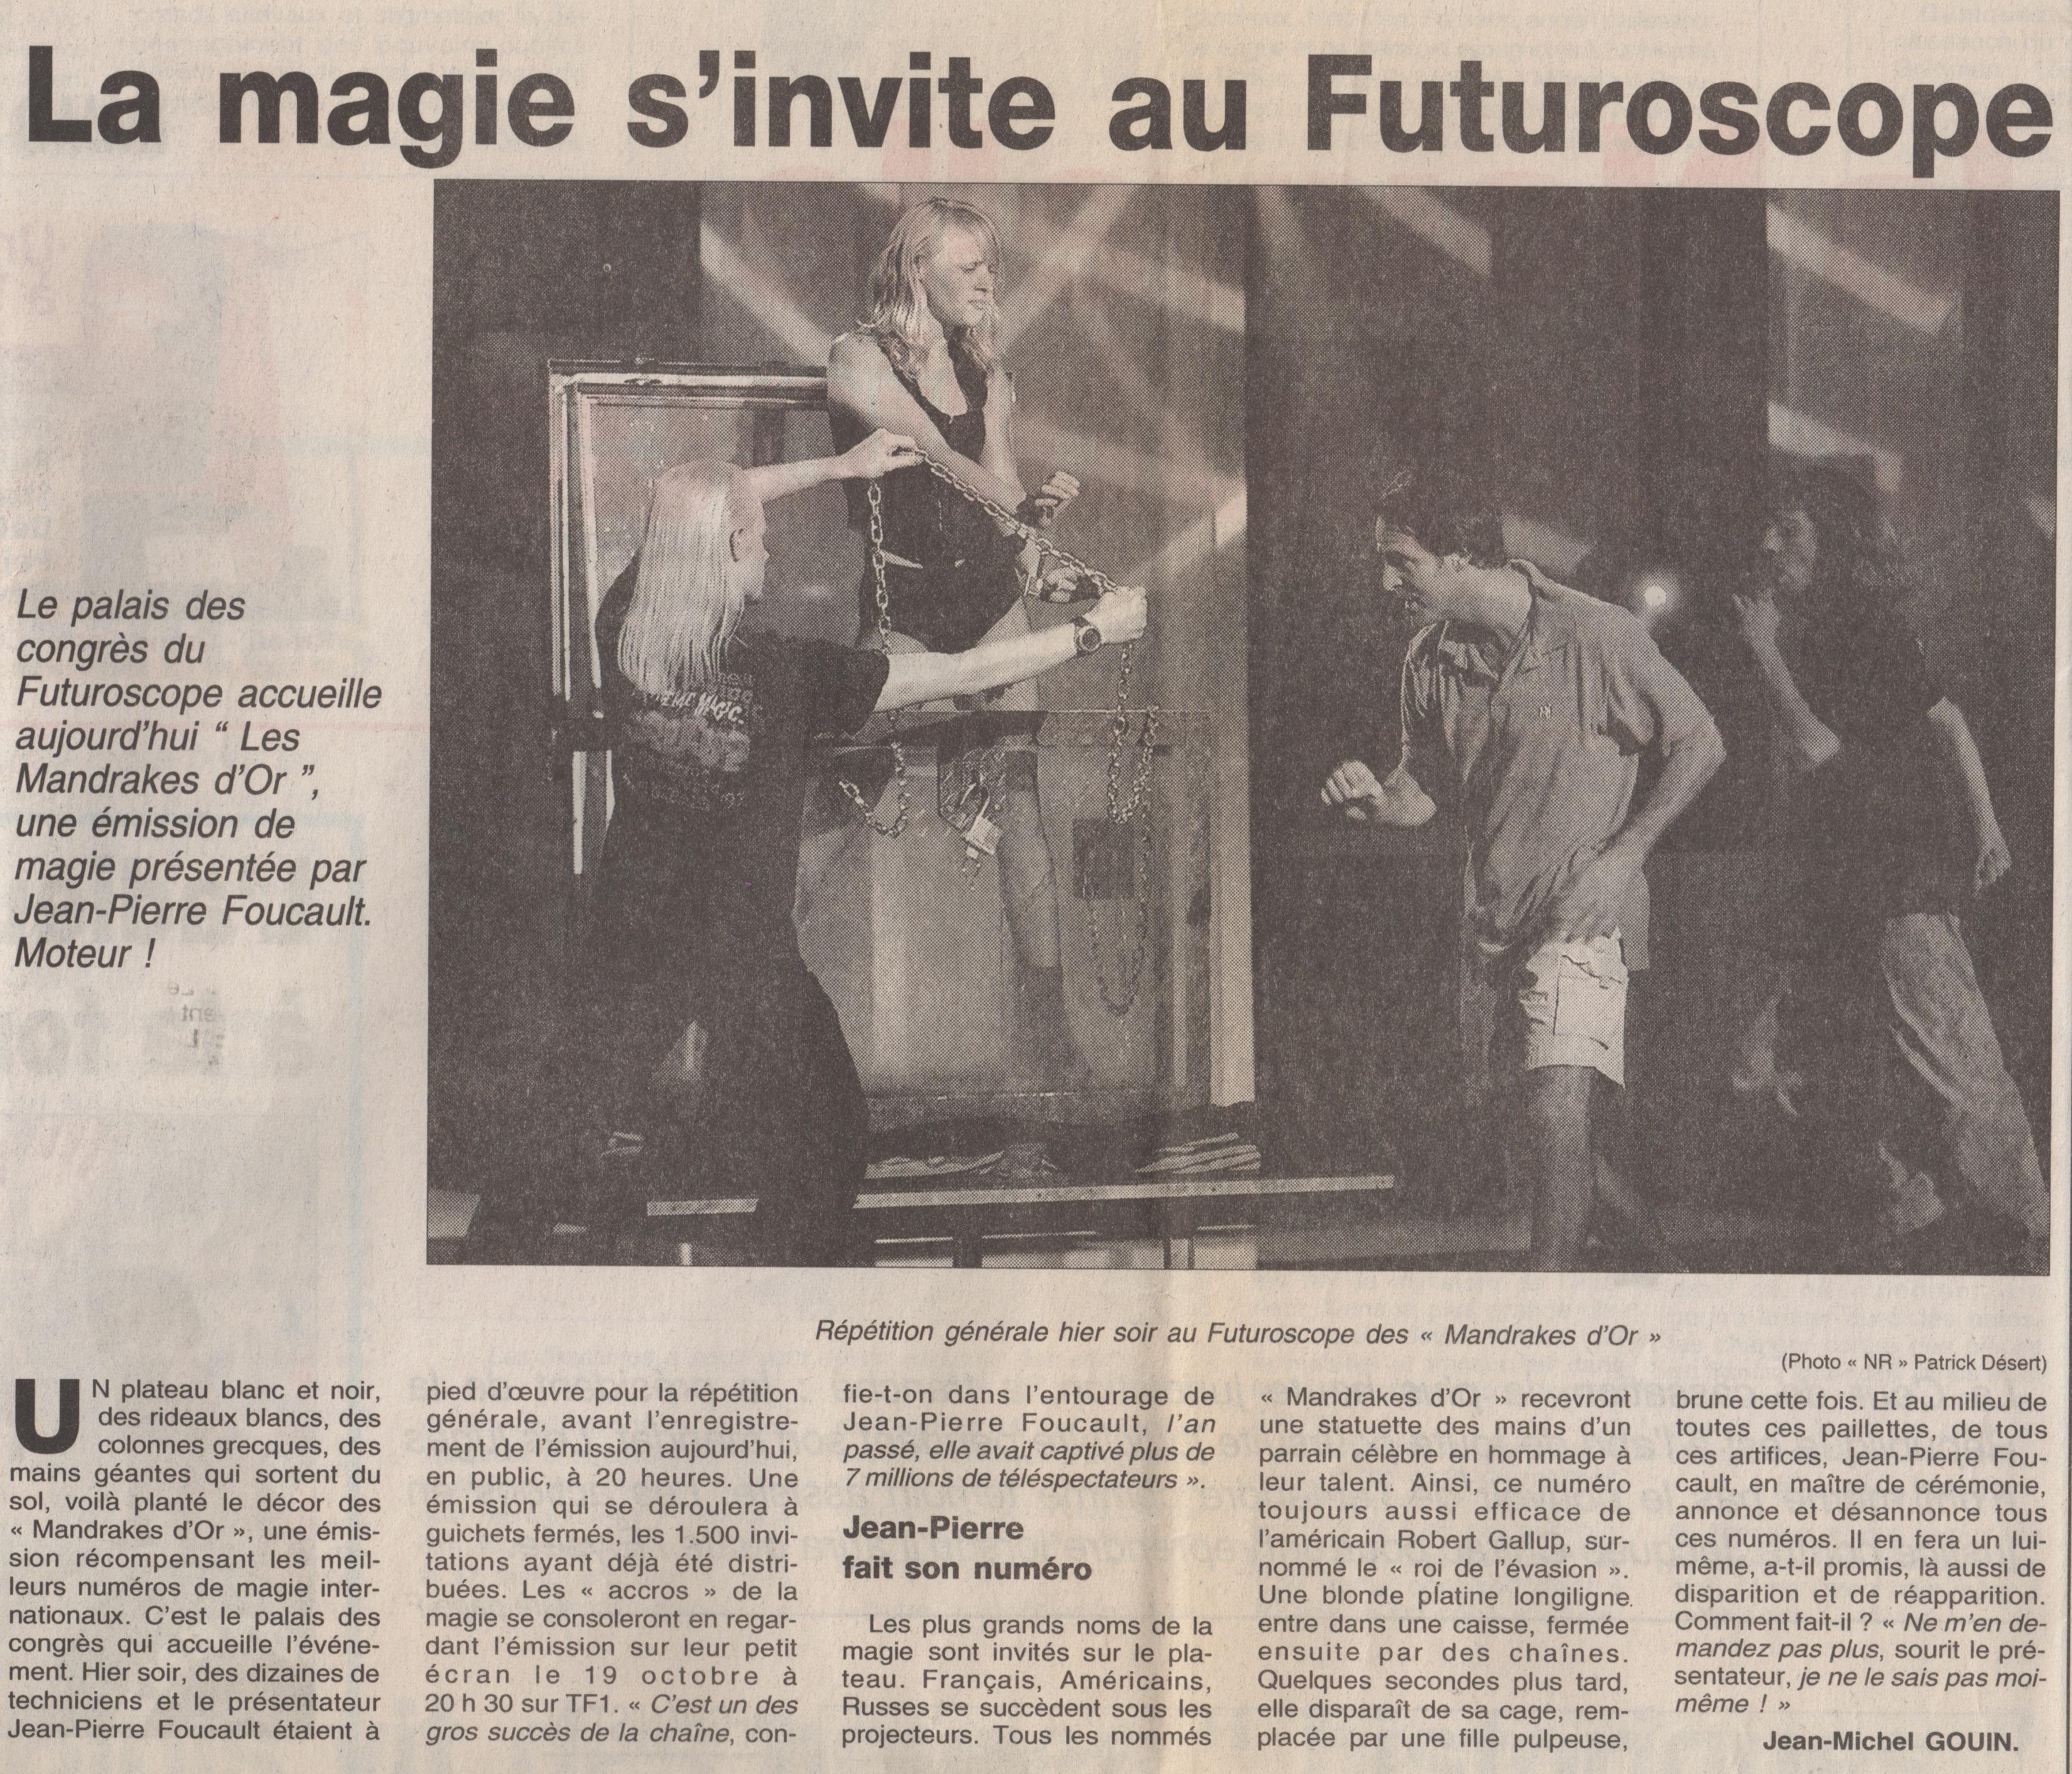 Le Parisien Octobre 2001